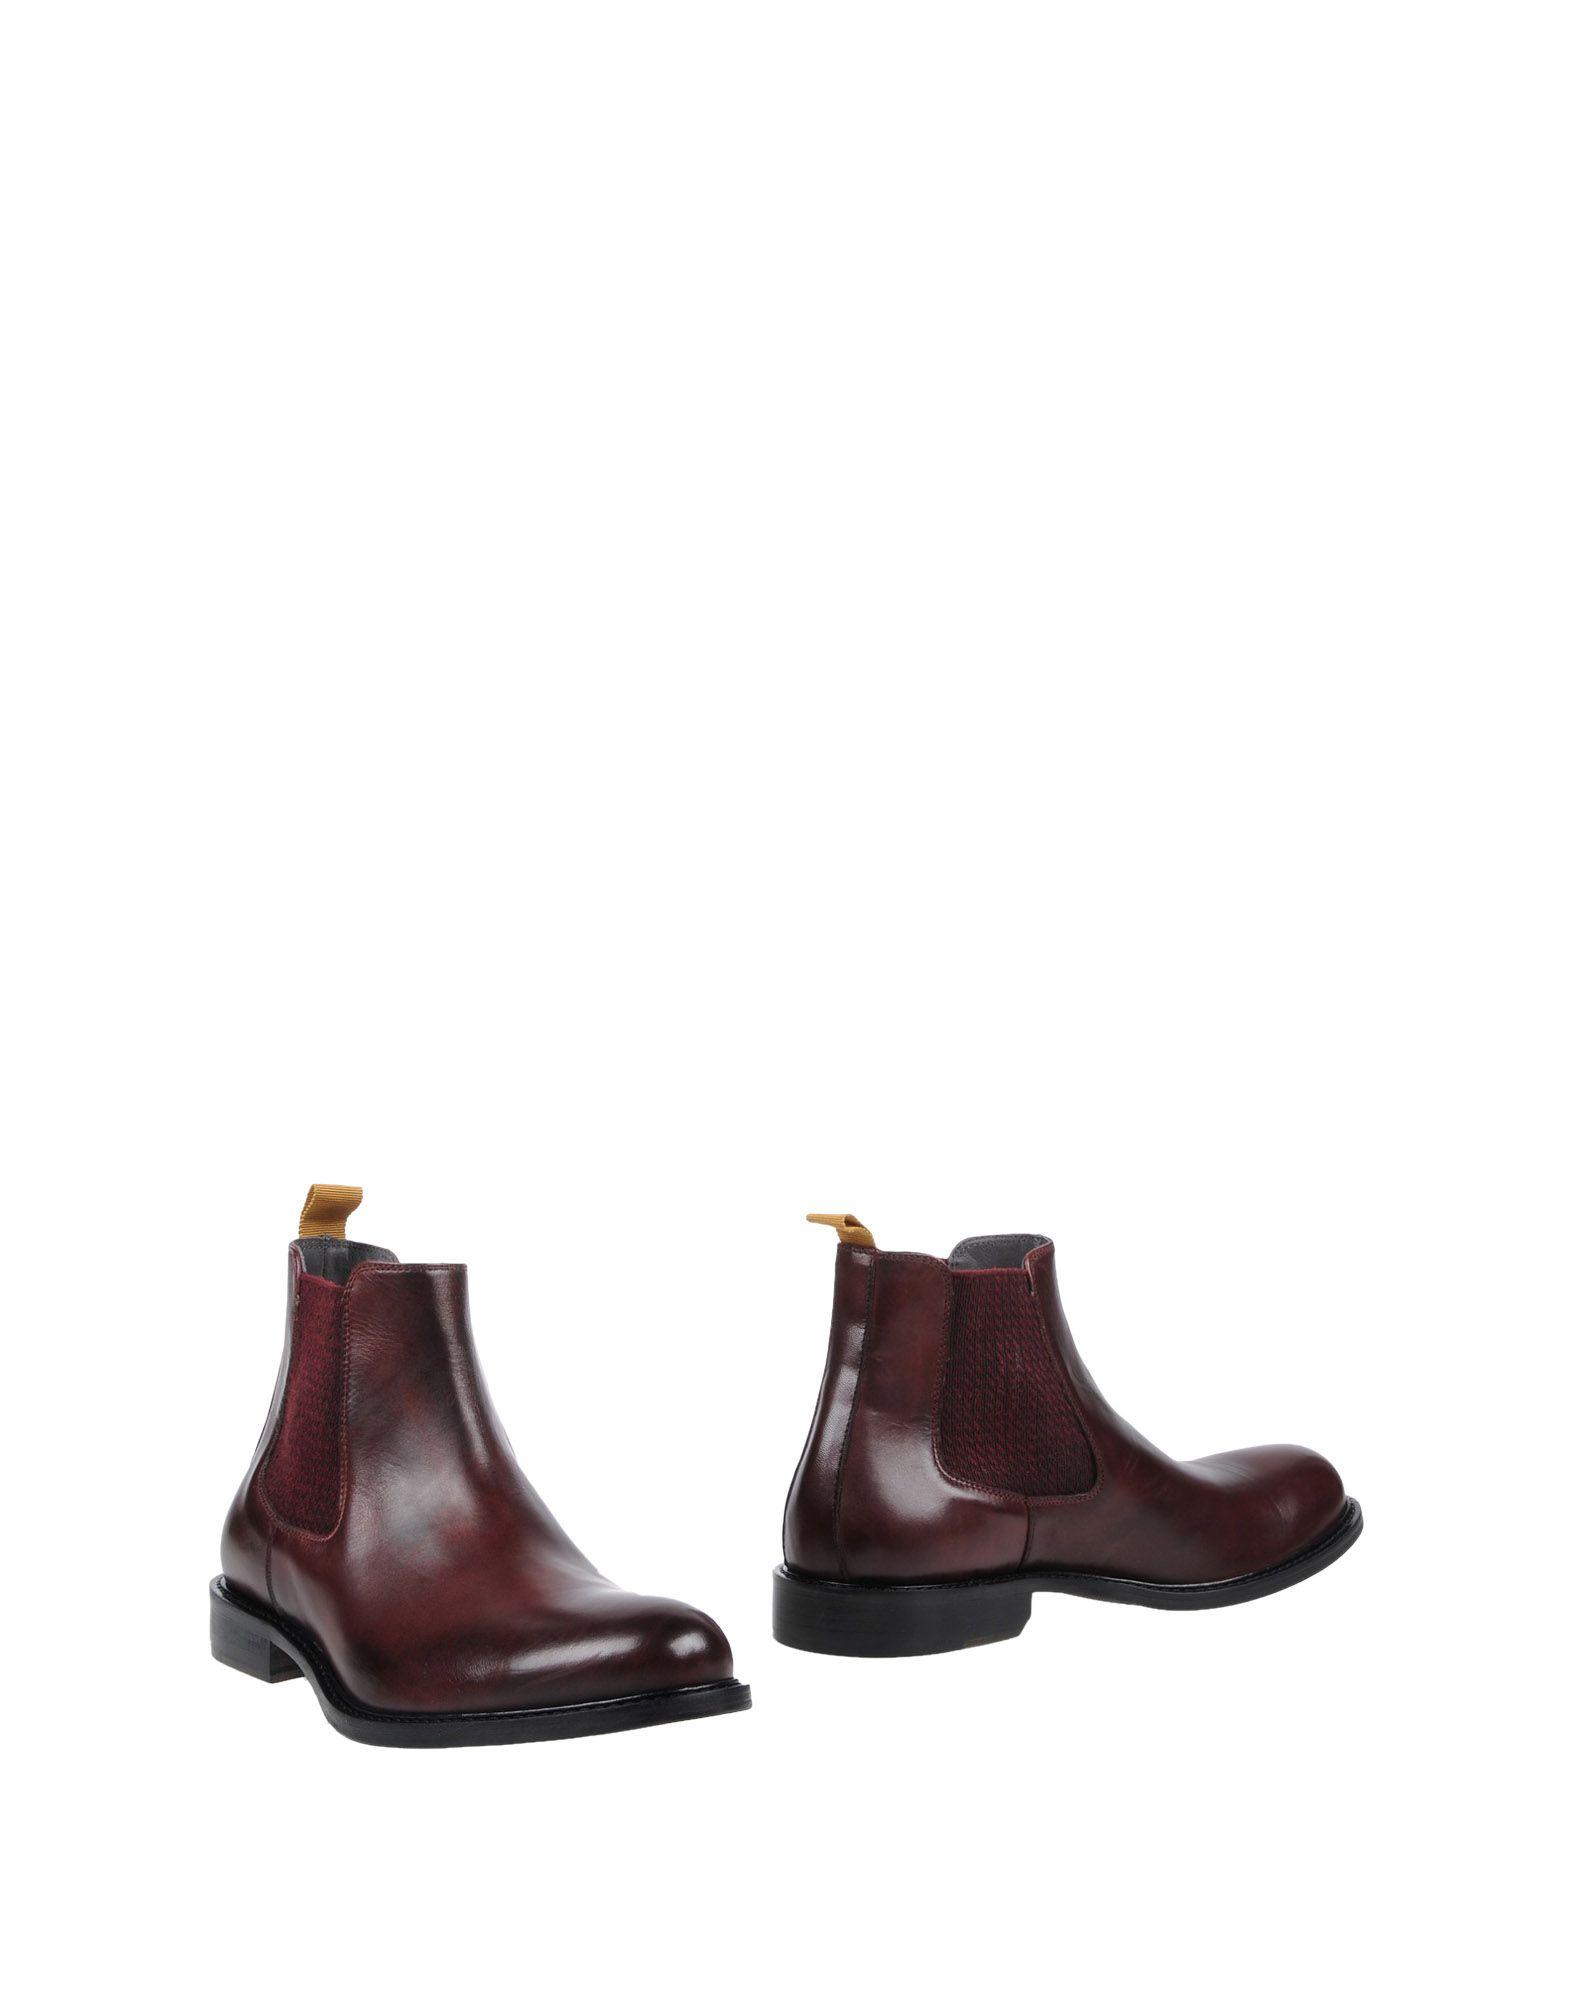 Pollini Stiefelette Herren  11447571VH Gute Qualität beliebte Schuhe